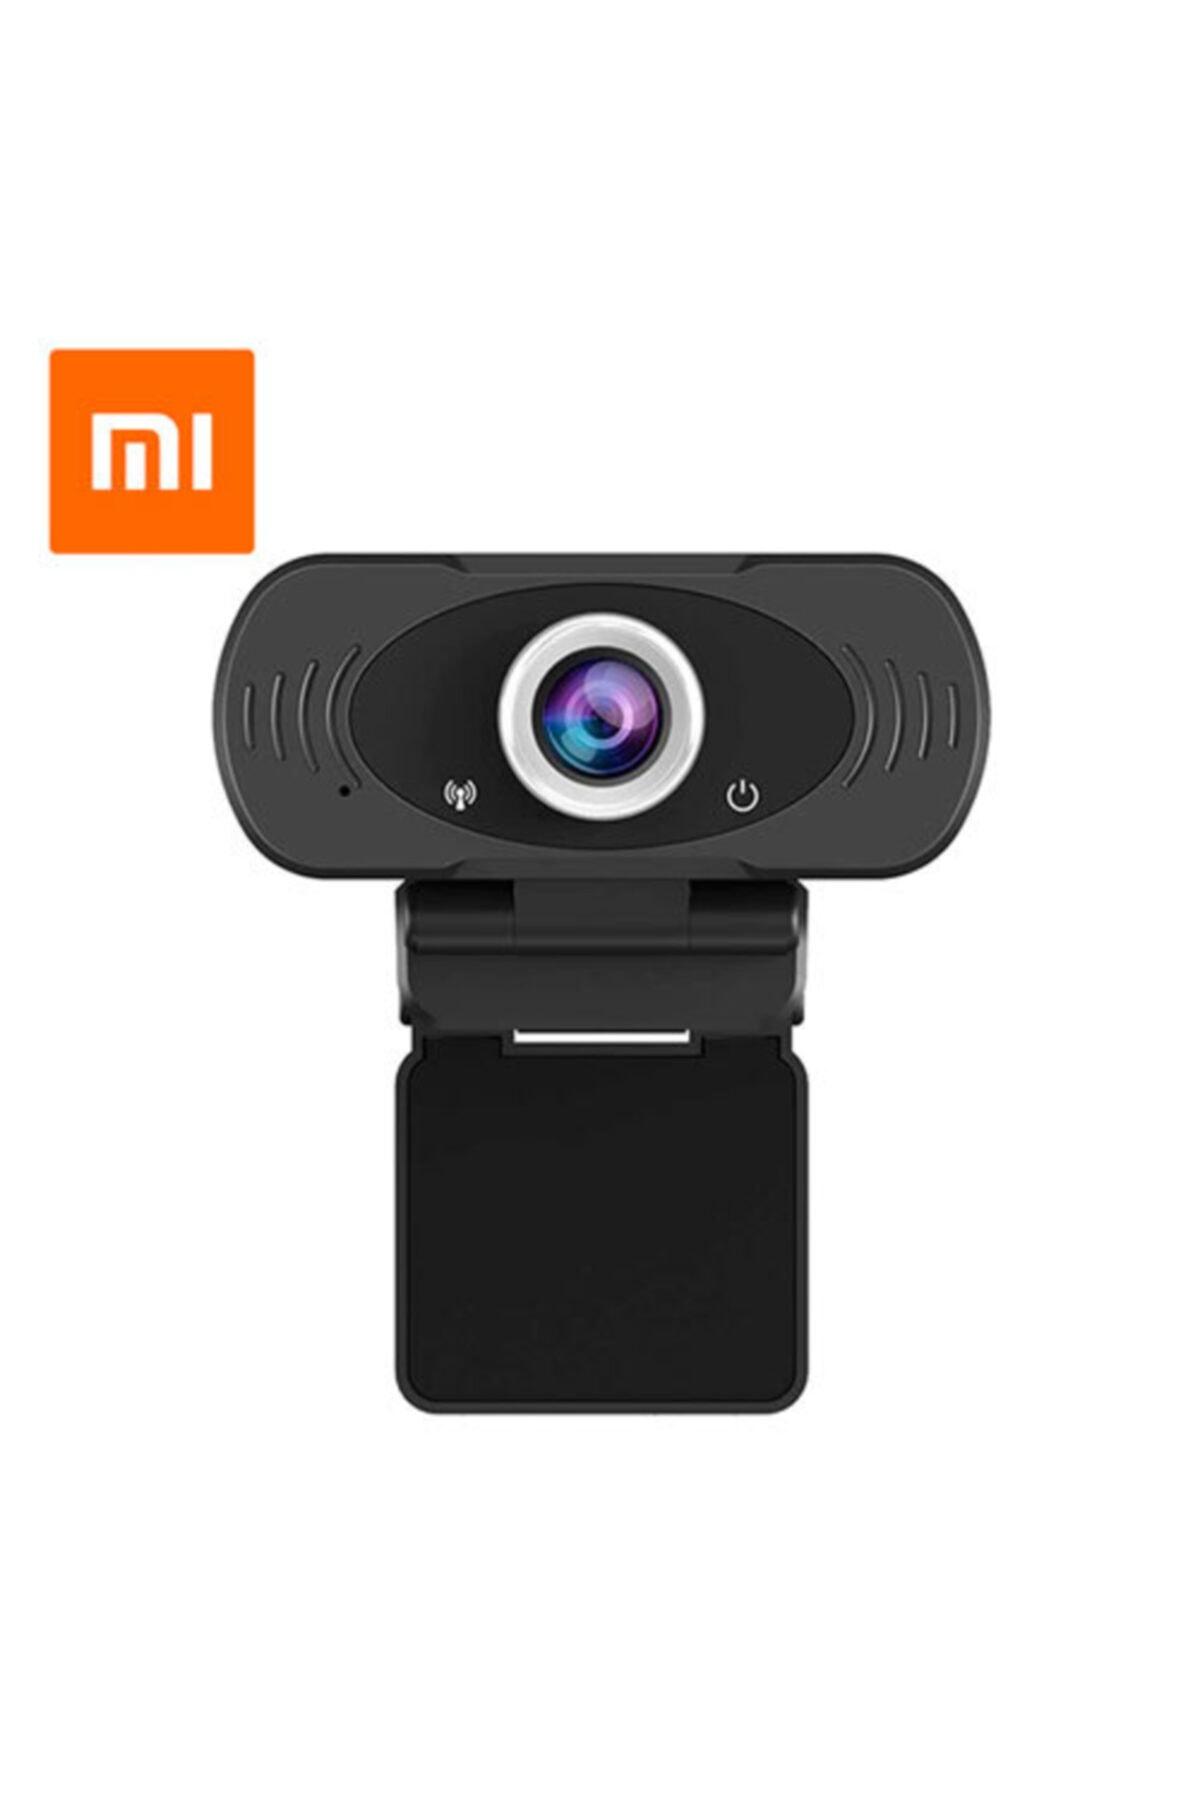 Xiaomi Imılab Full Hd 1080p Webcam 2